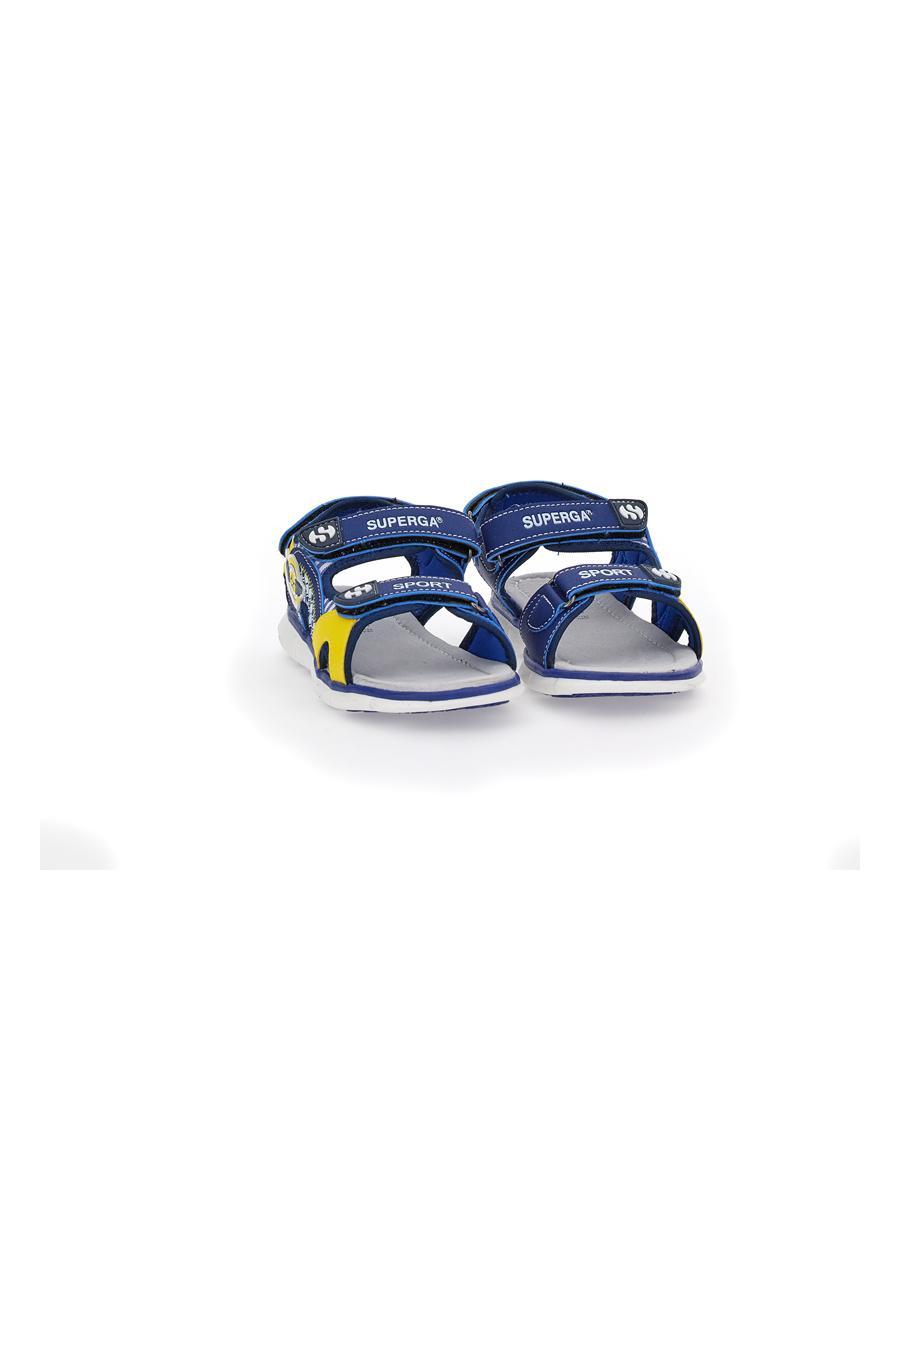 SANDALI bambino blu SUPERGA 63446 | Pittarello